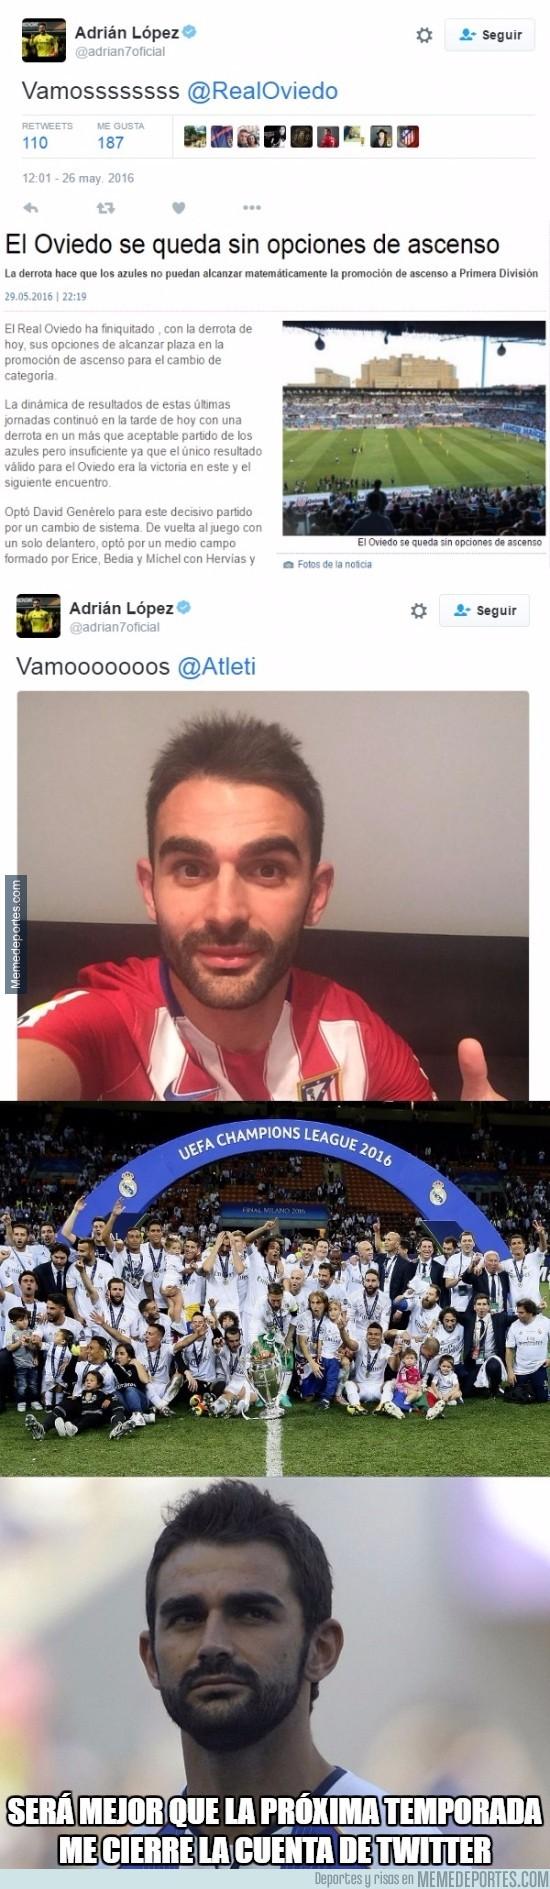 865285 - Adrián López y sus tuits animando antes de los partidos